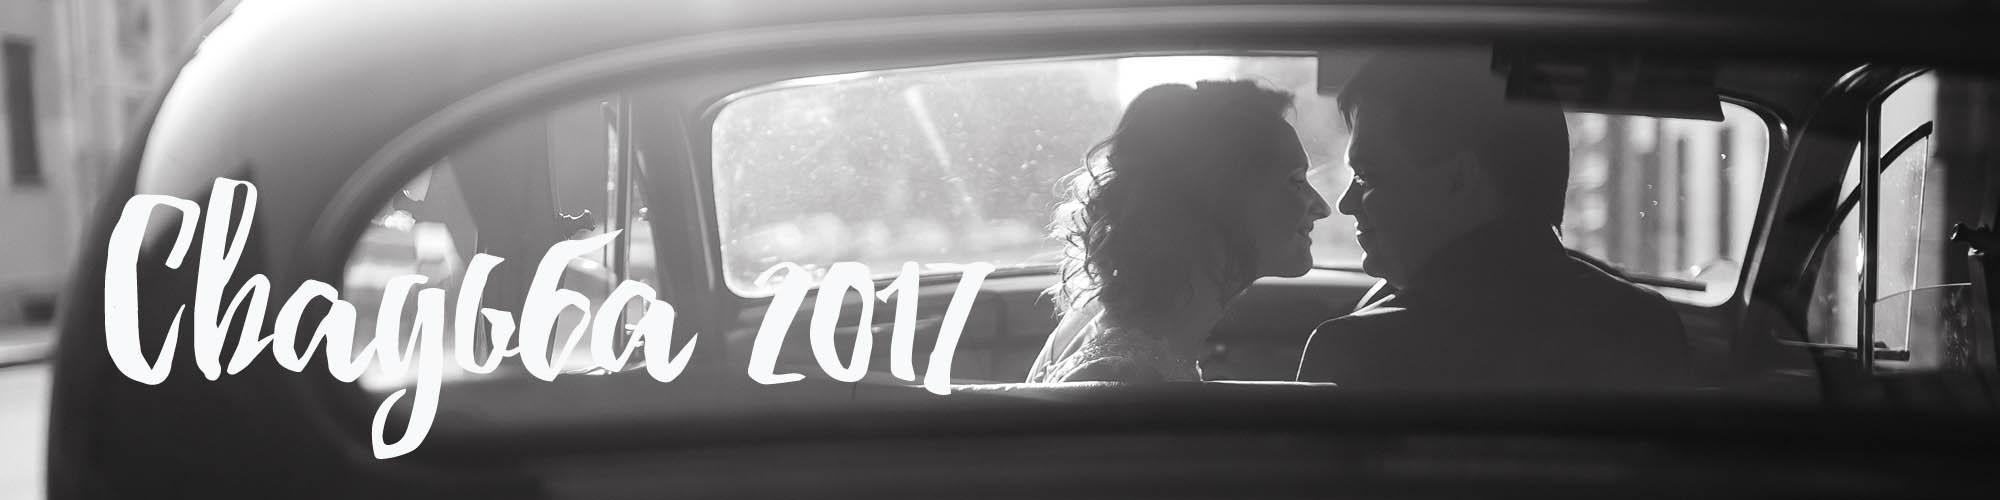 svadba 2017 тренды